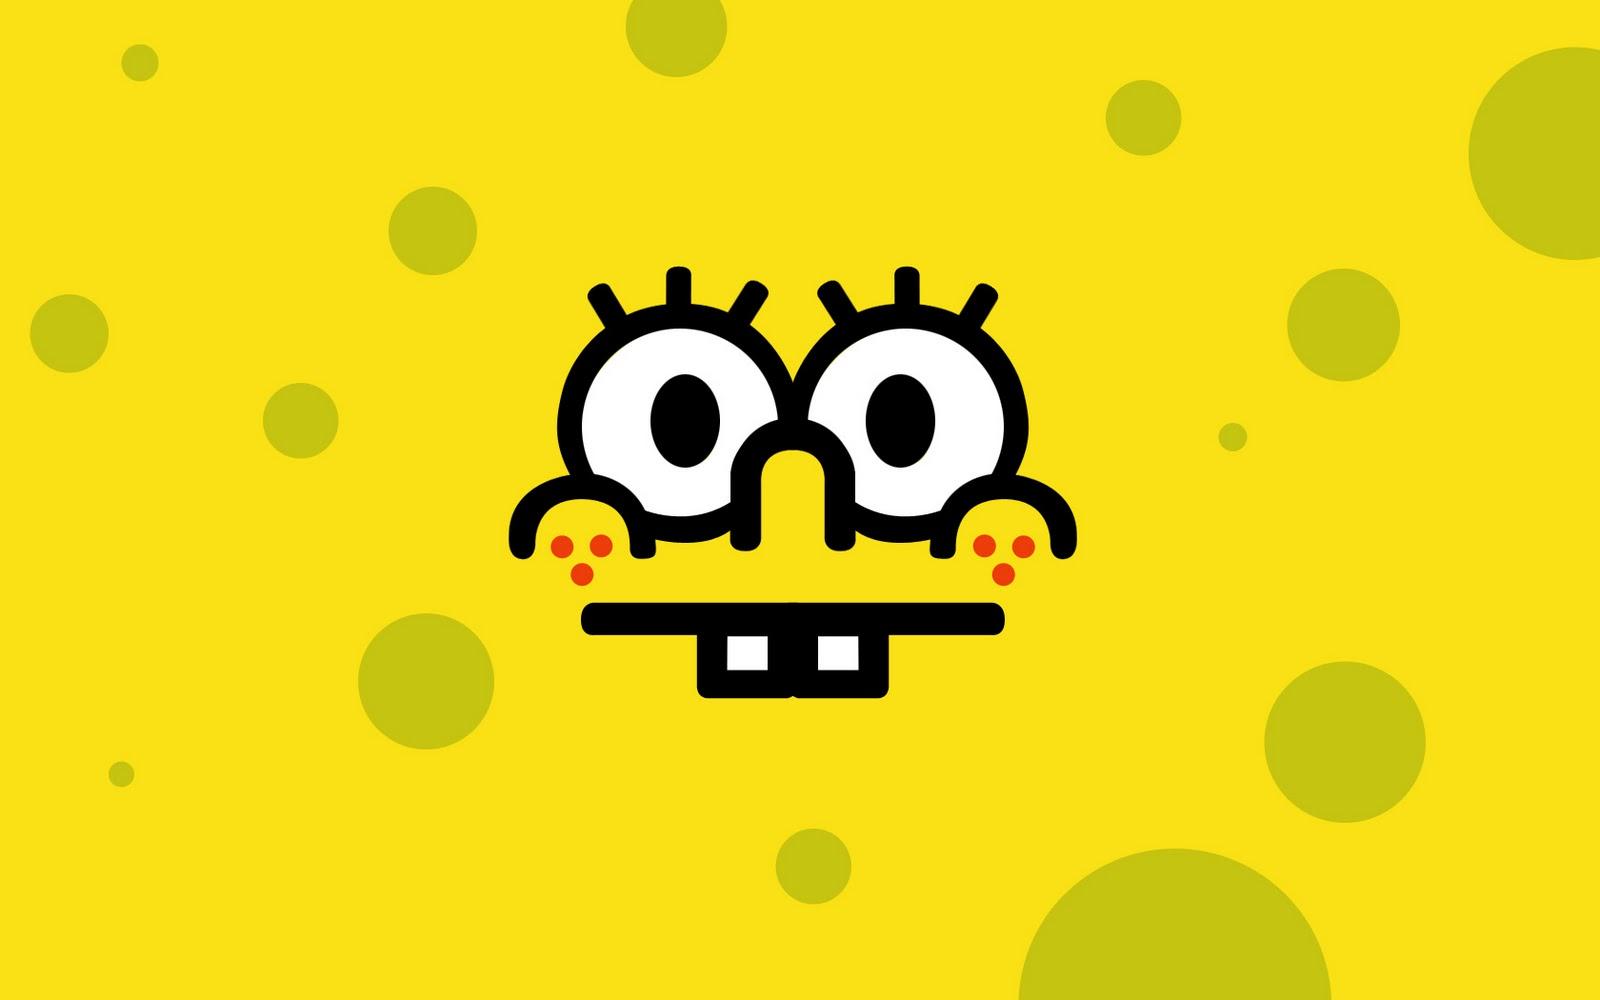 Black And Yellow Spongebob 13 Desktop Wallpaper Spongebob Wallpaper Bape 128049 Hd Wallpaper Backgrounds Download